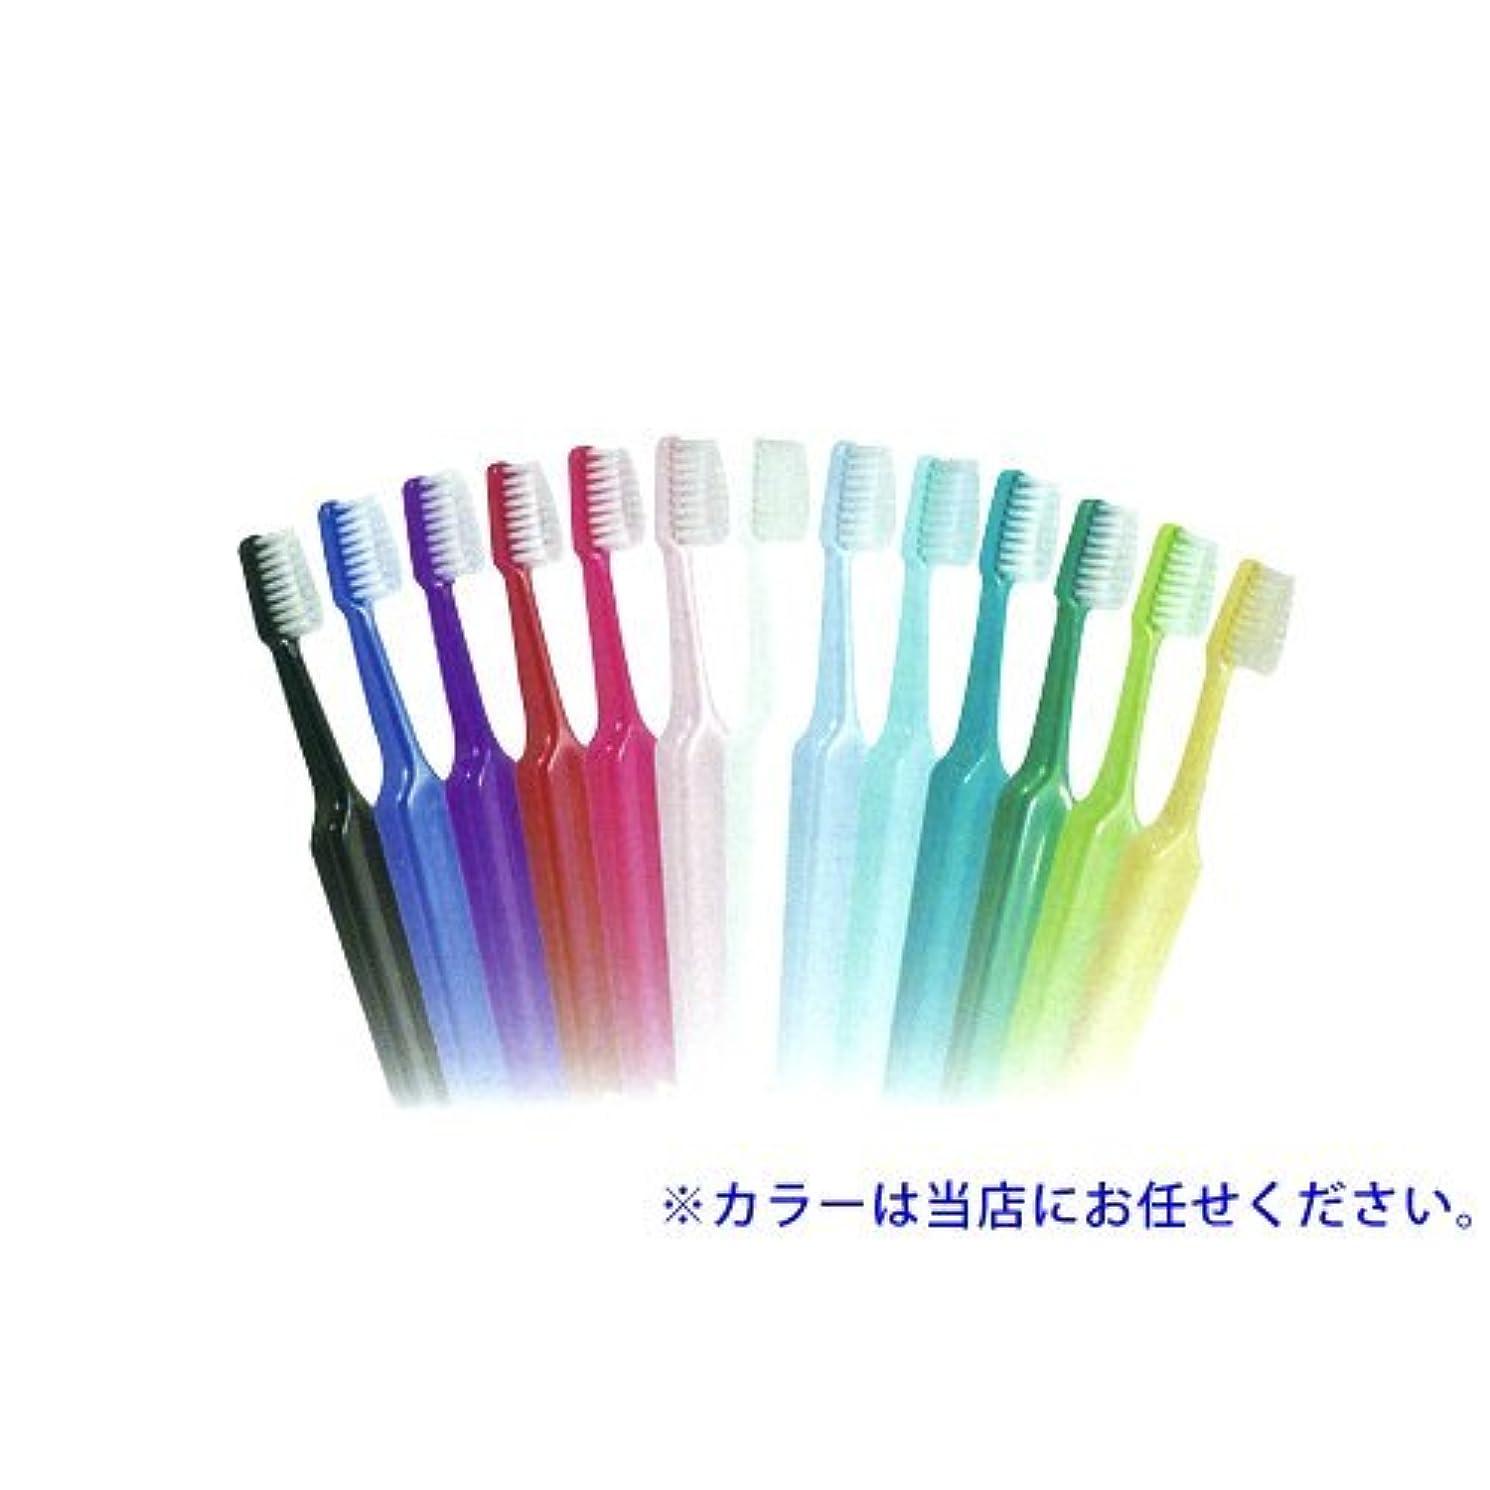 抑止する後世シマウマクロスフィールド TePe テペ セレクトコンパクト 歯ブラシ 1本 コンパクト エクストラソフト